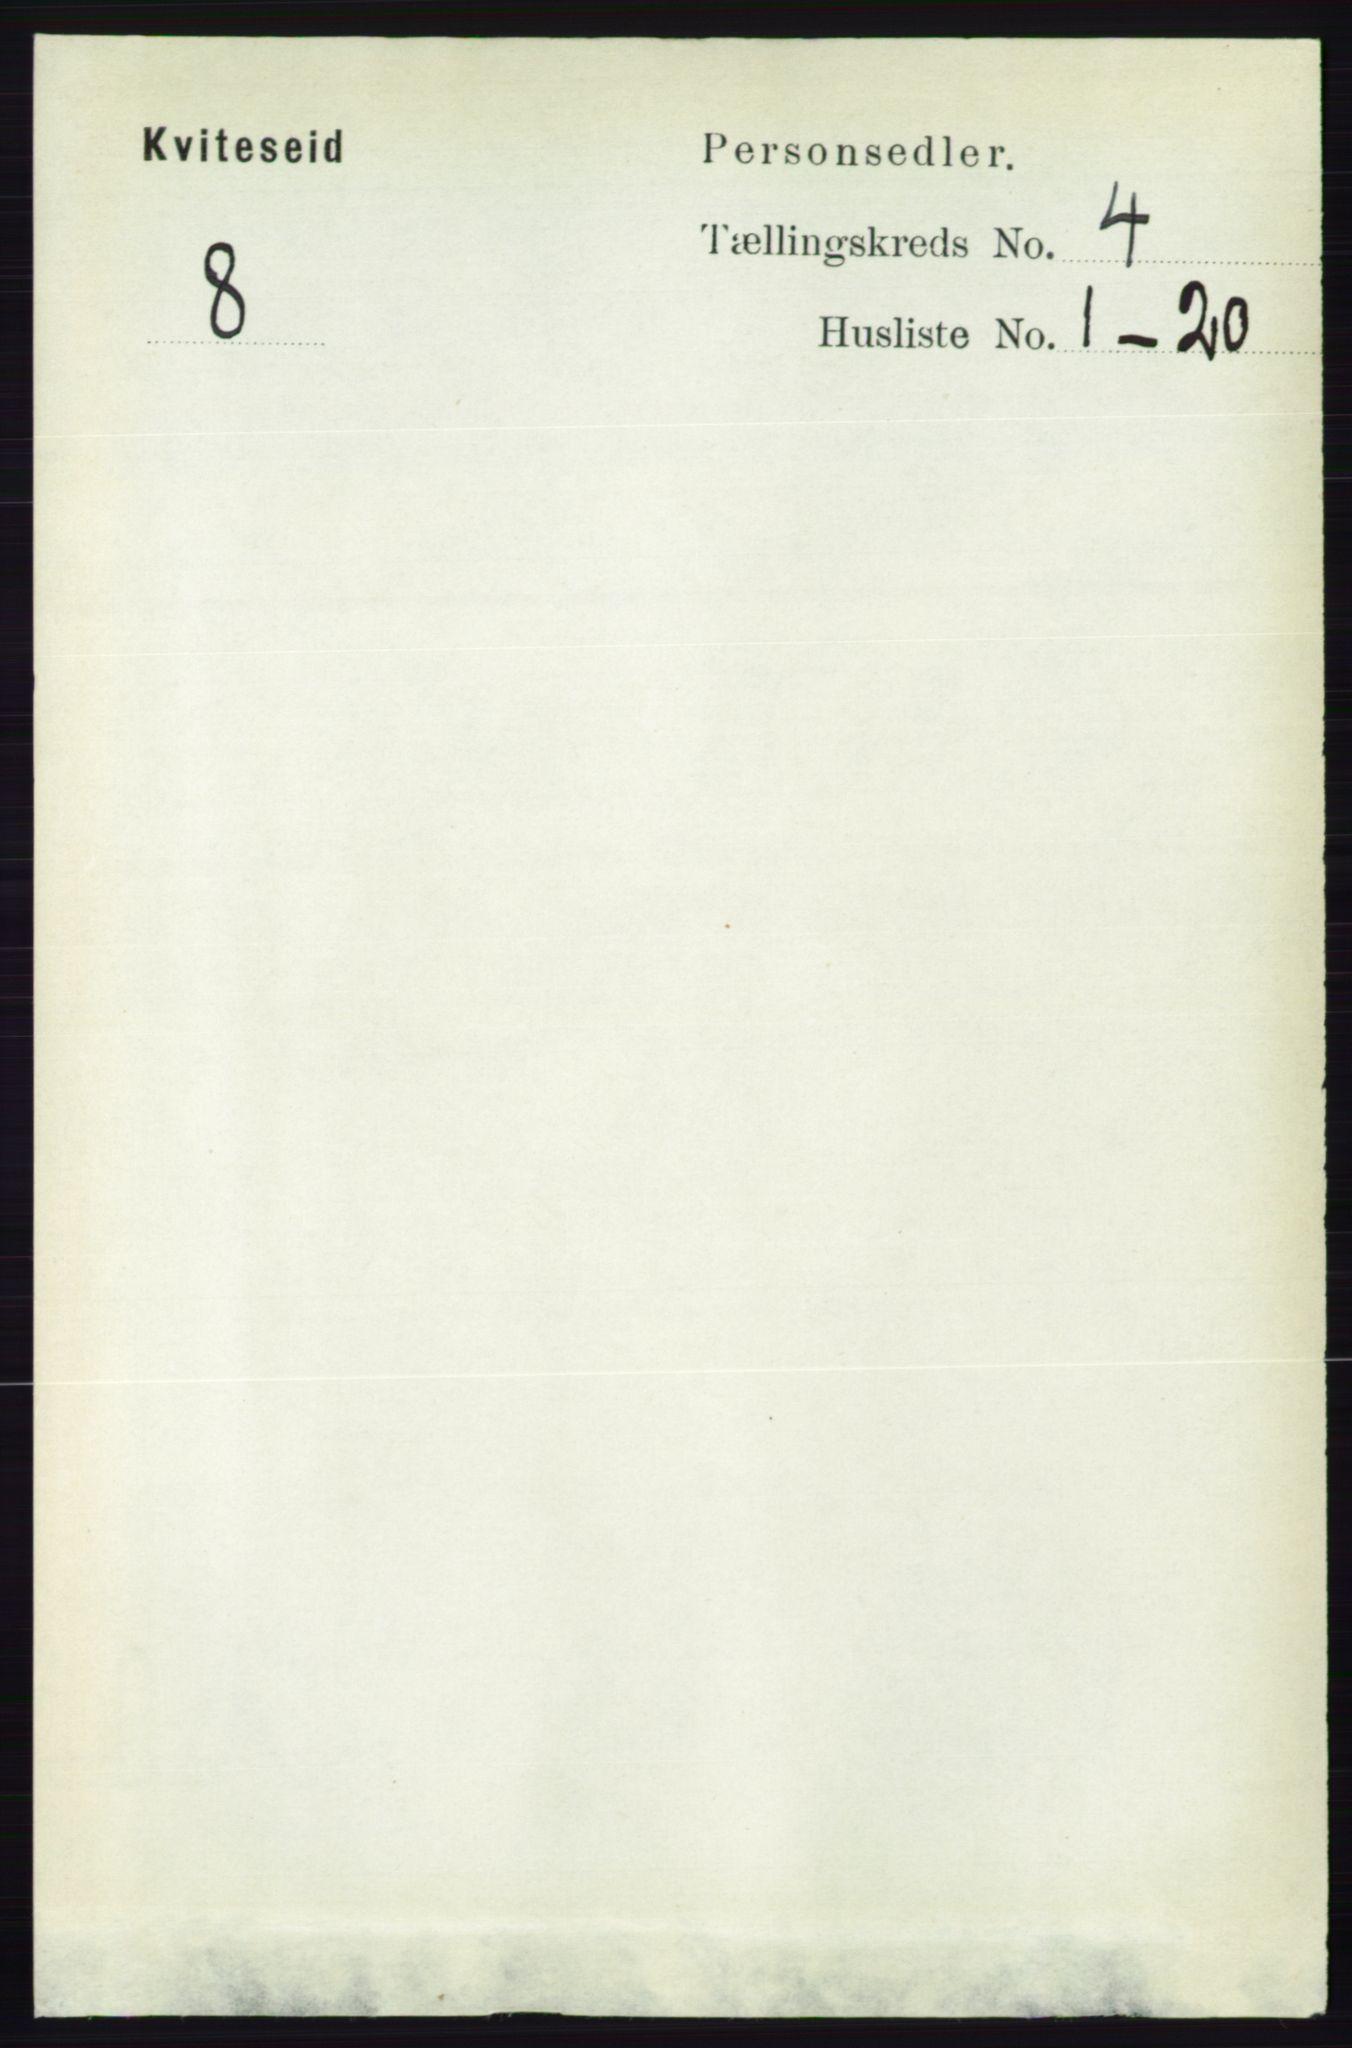 RA, Folketelling 1891 for 0829 Kviteseid herred, 1891, s. 726